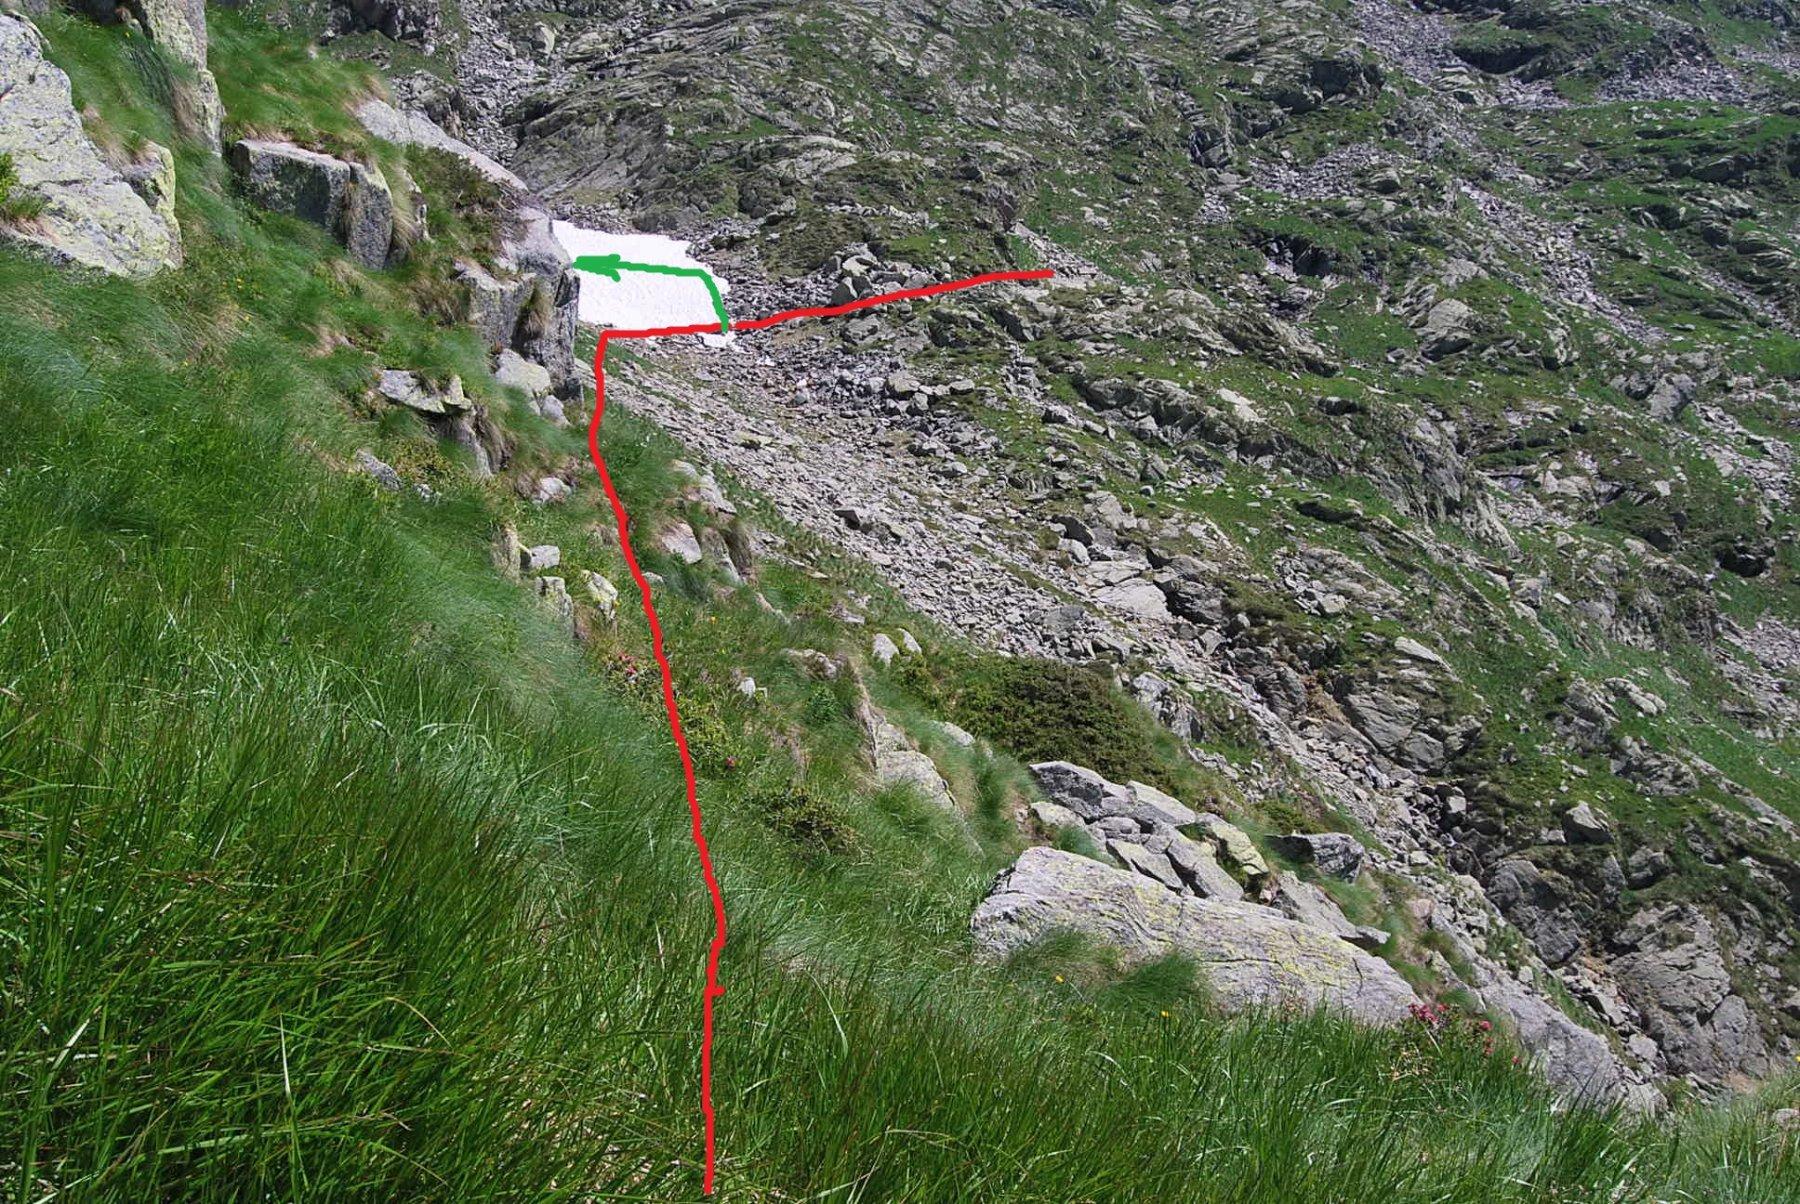 Prima del rifugio, il punto critico dove ho perso le tacche. Il sentiero forse risale (tratto verde) io sono rimasto sul rosso, decisamente ripido